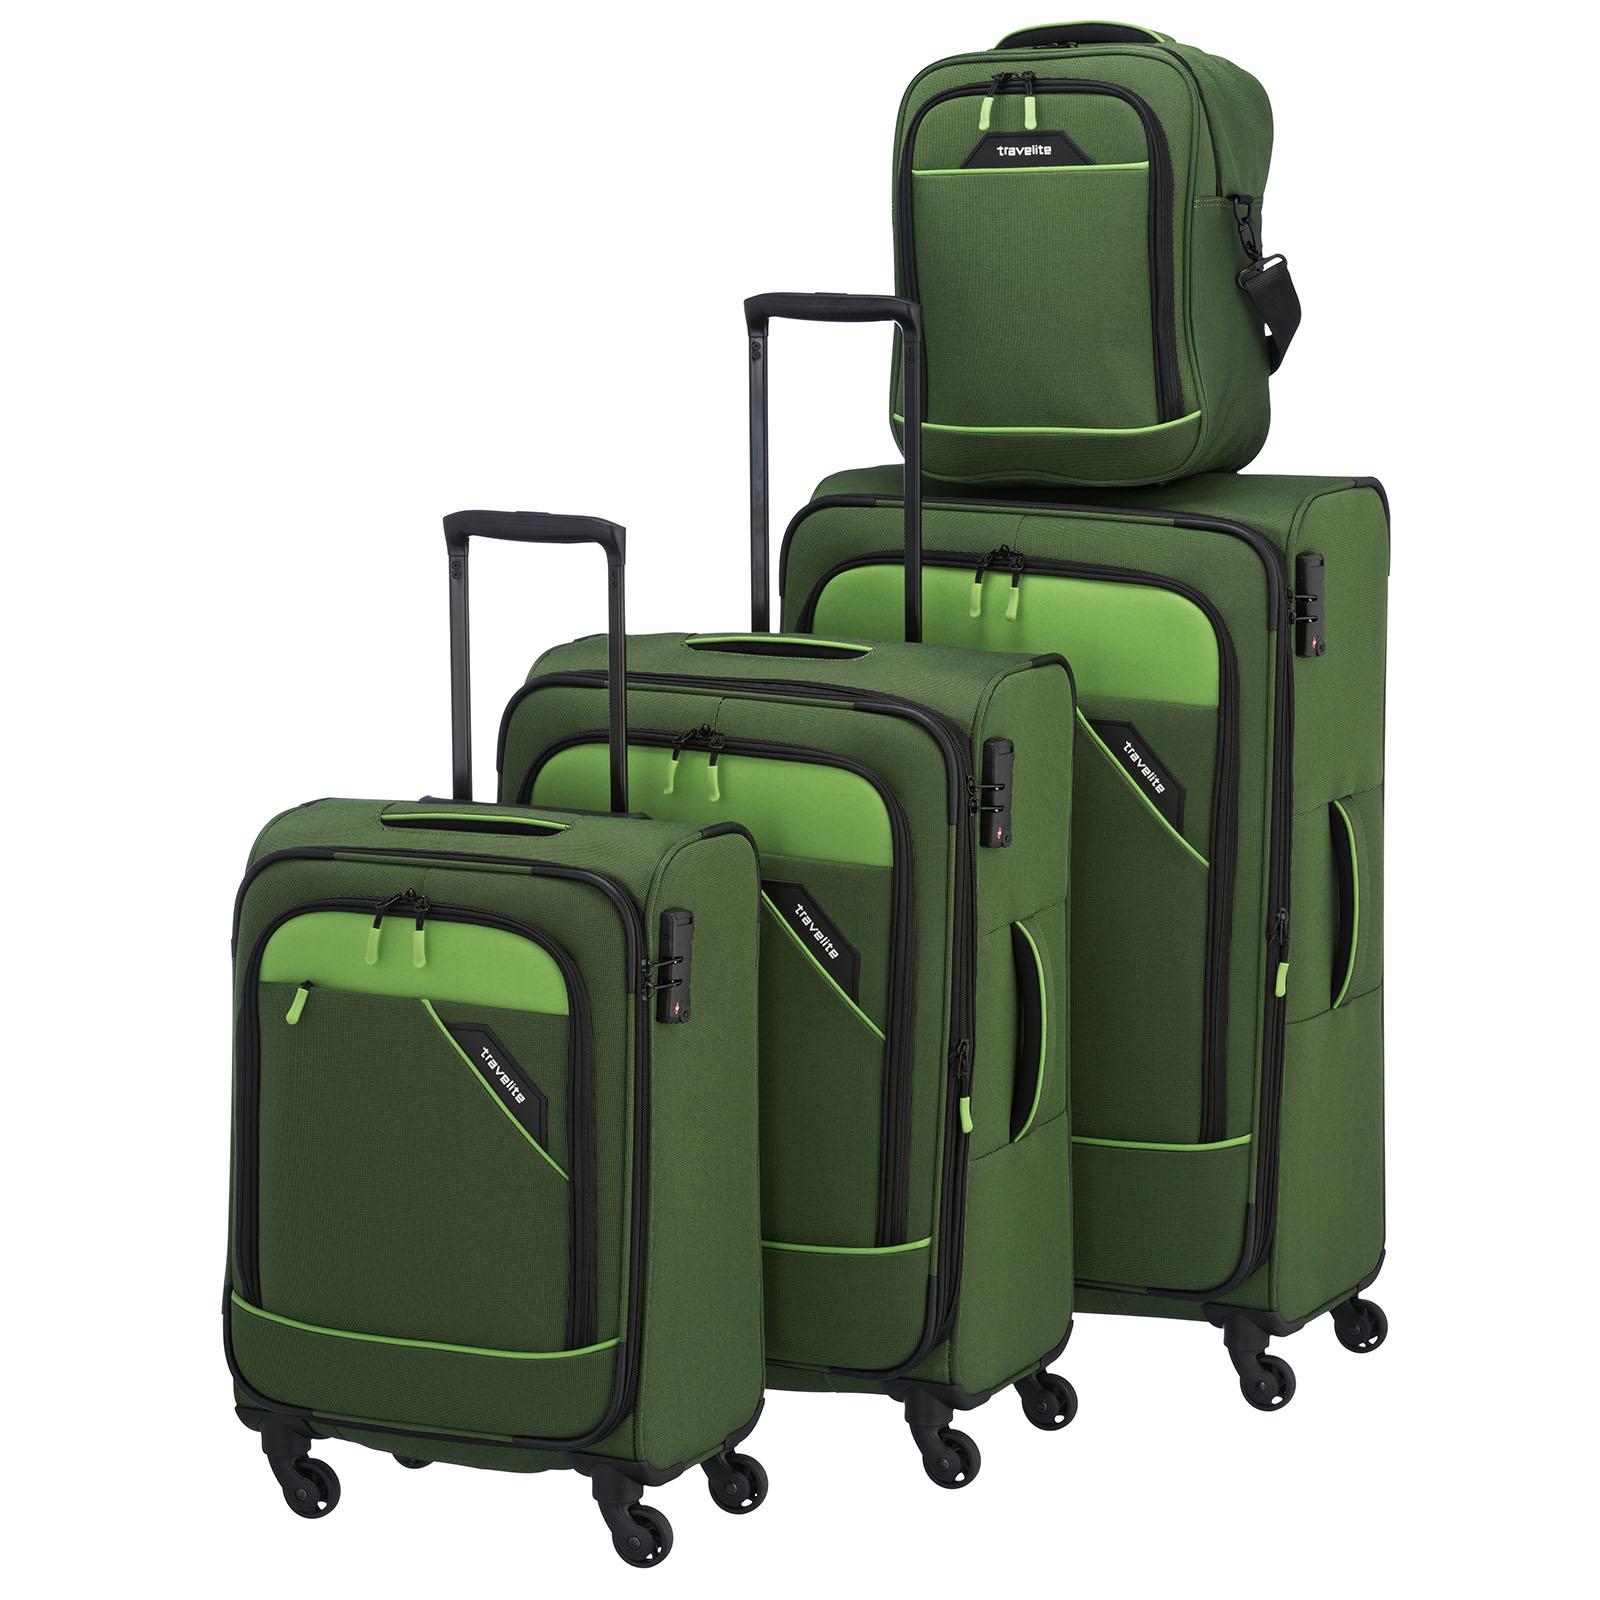 travelite-derby-grun-4-tlg-trolley-set-bordtasche